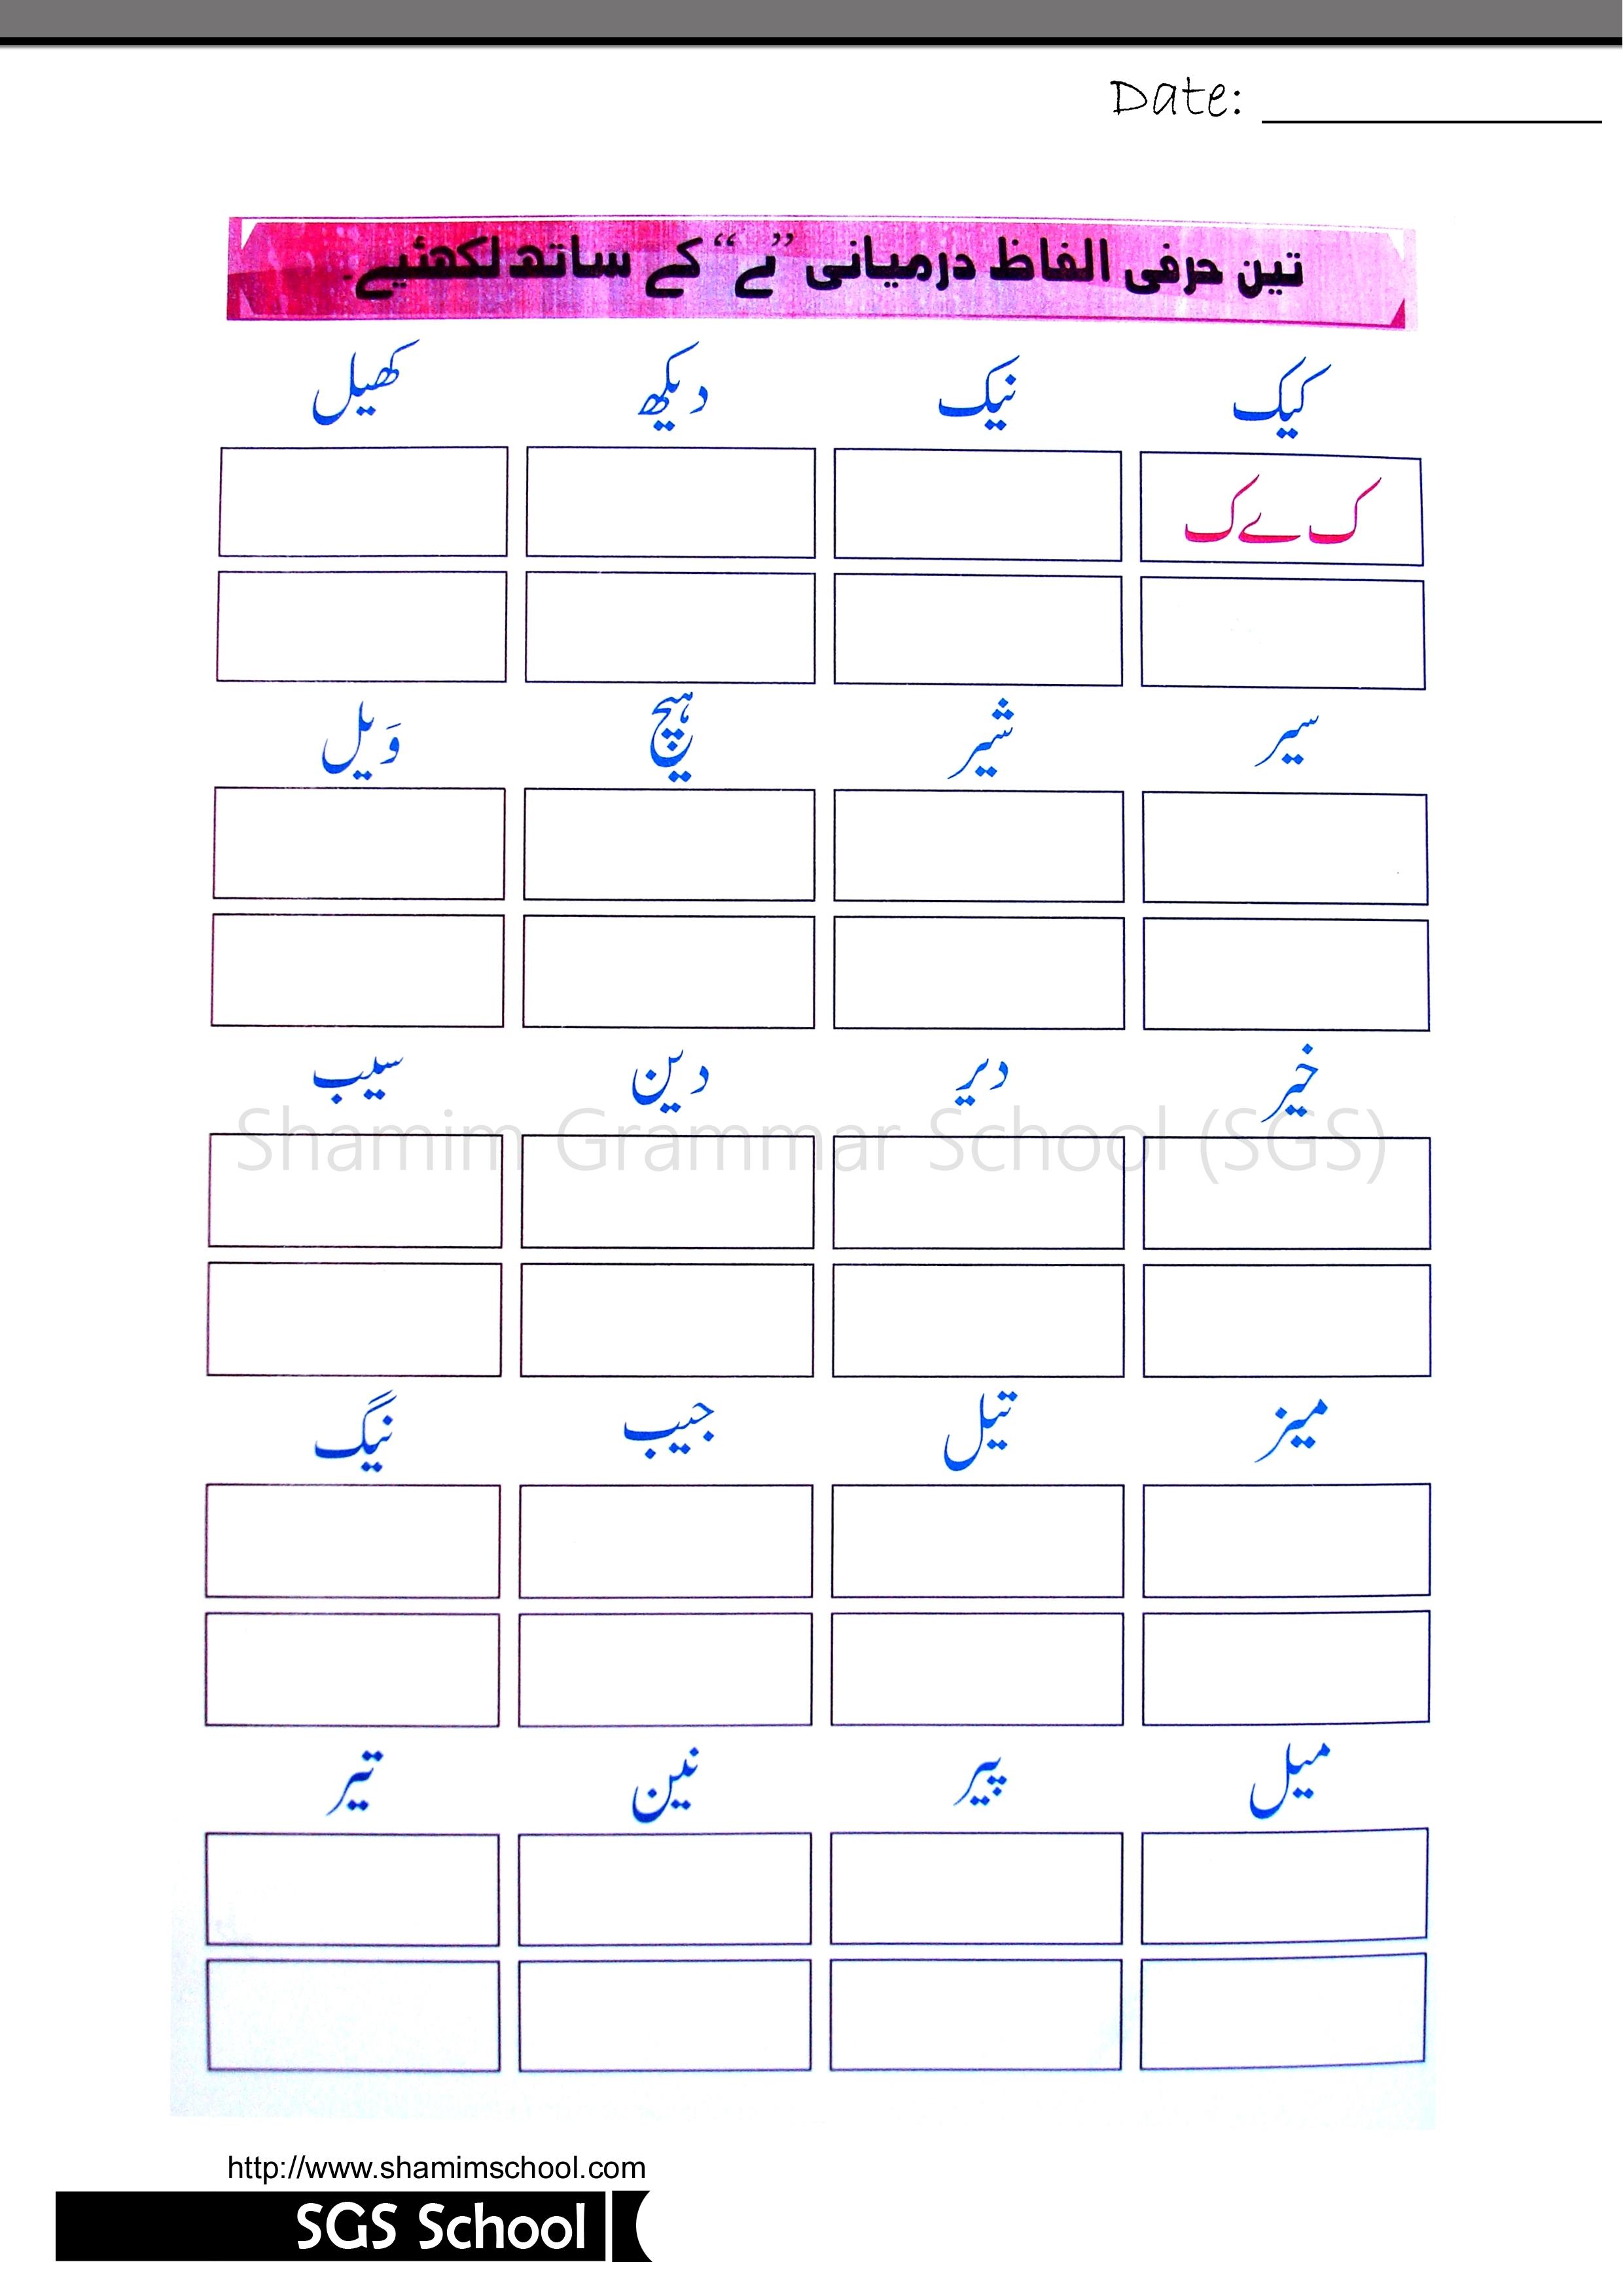 Free Printable Urdu Jod Tod & Jod Tod Sample Worksheets for Prep ...